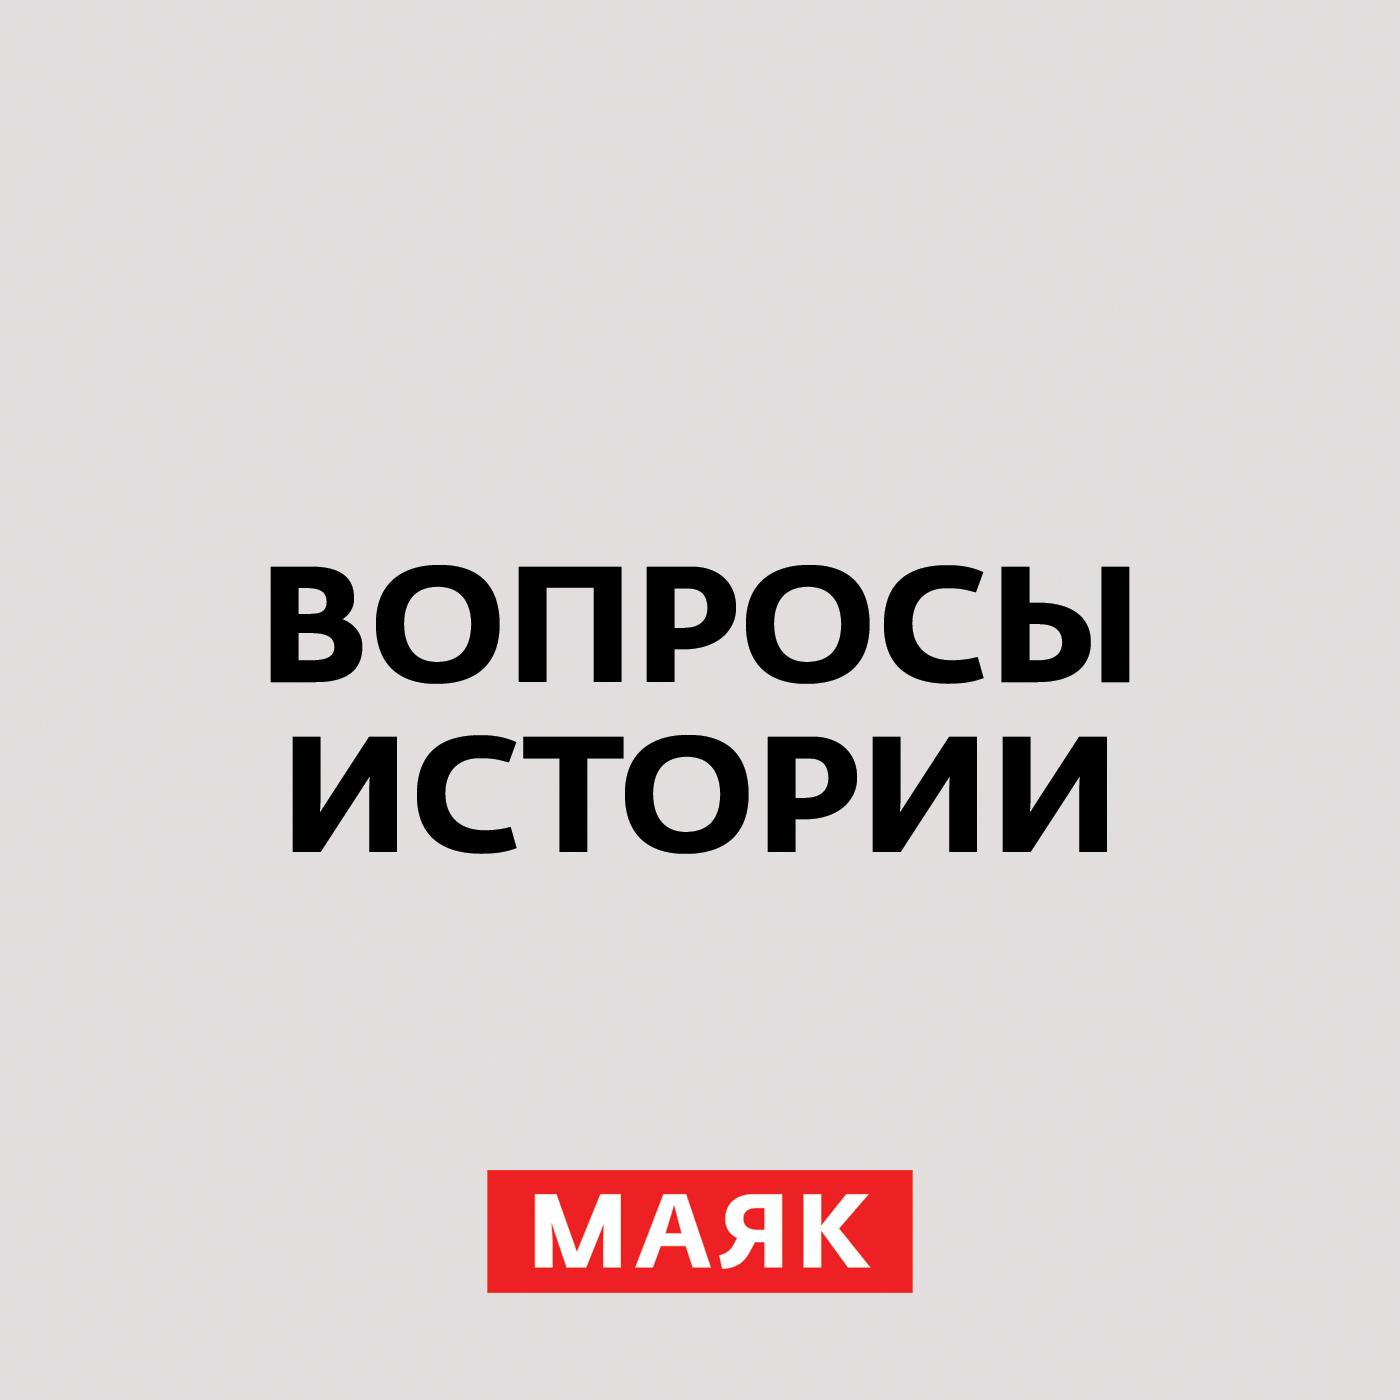 Андрей Светенко Речь Сталина 3 июля: почему каждый абзац вызывает недовольство. Часть 1 андрей светенко речь сталина 3 июля почему каждый абзац вызывает недовольство часть 3